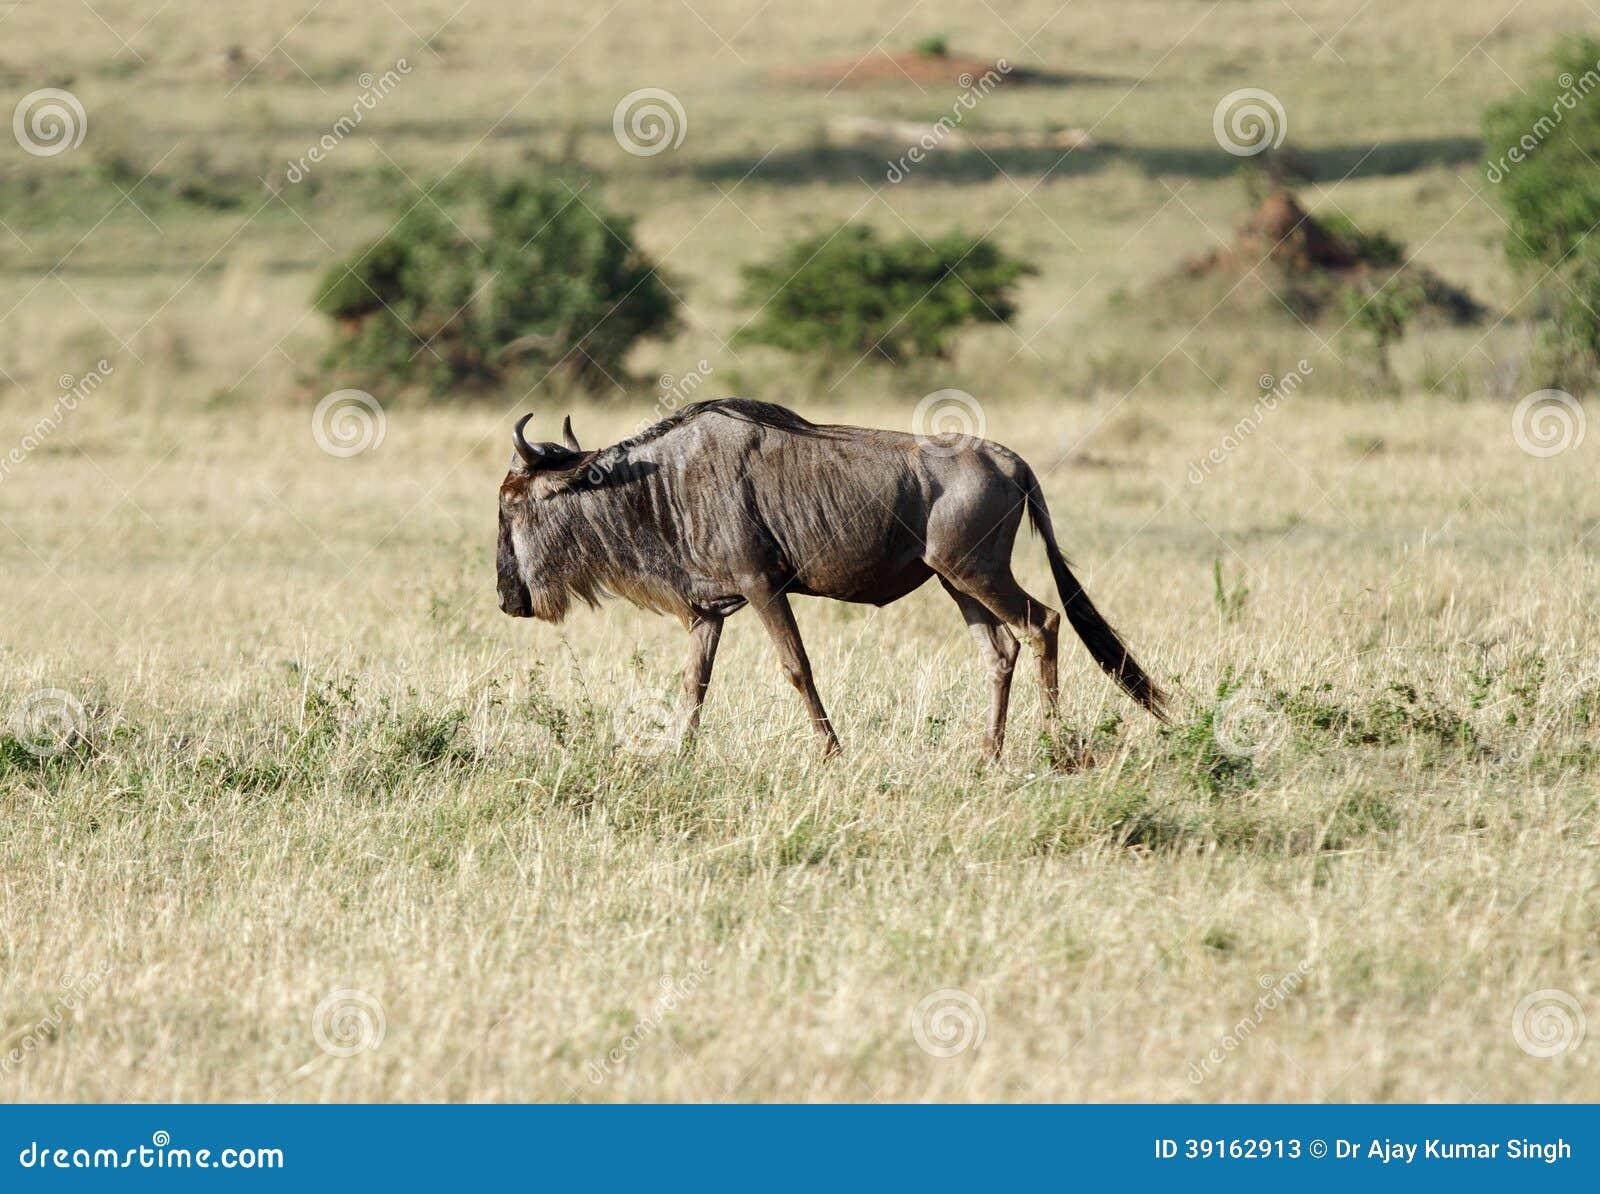 in the grassland Ungulate Grasslands